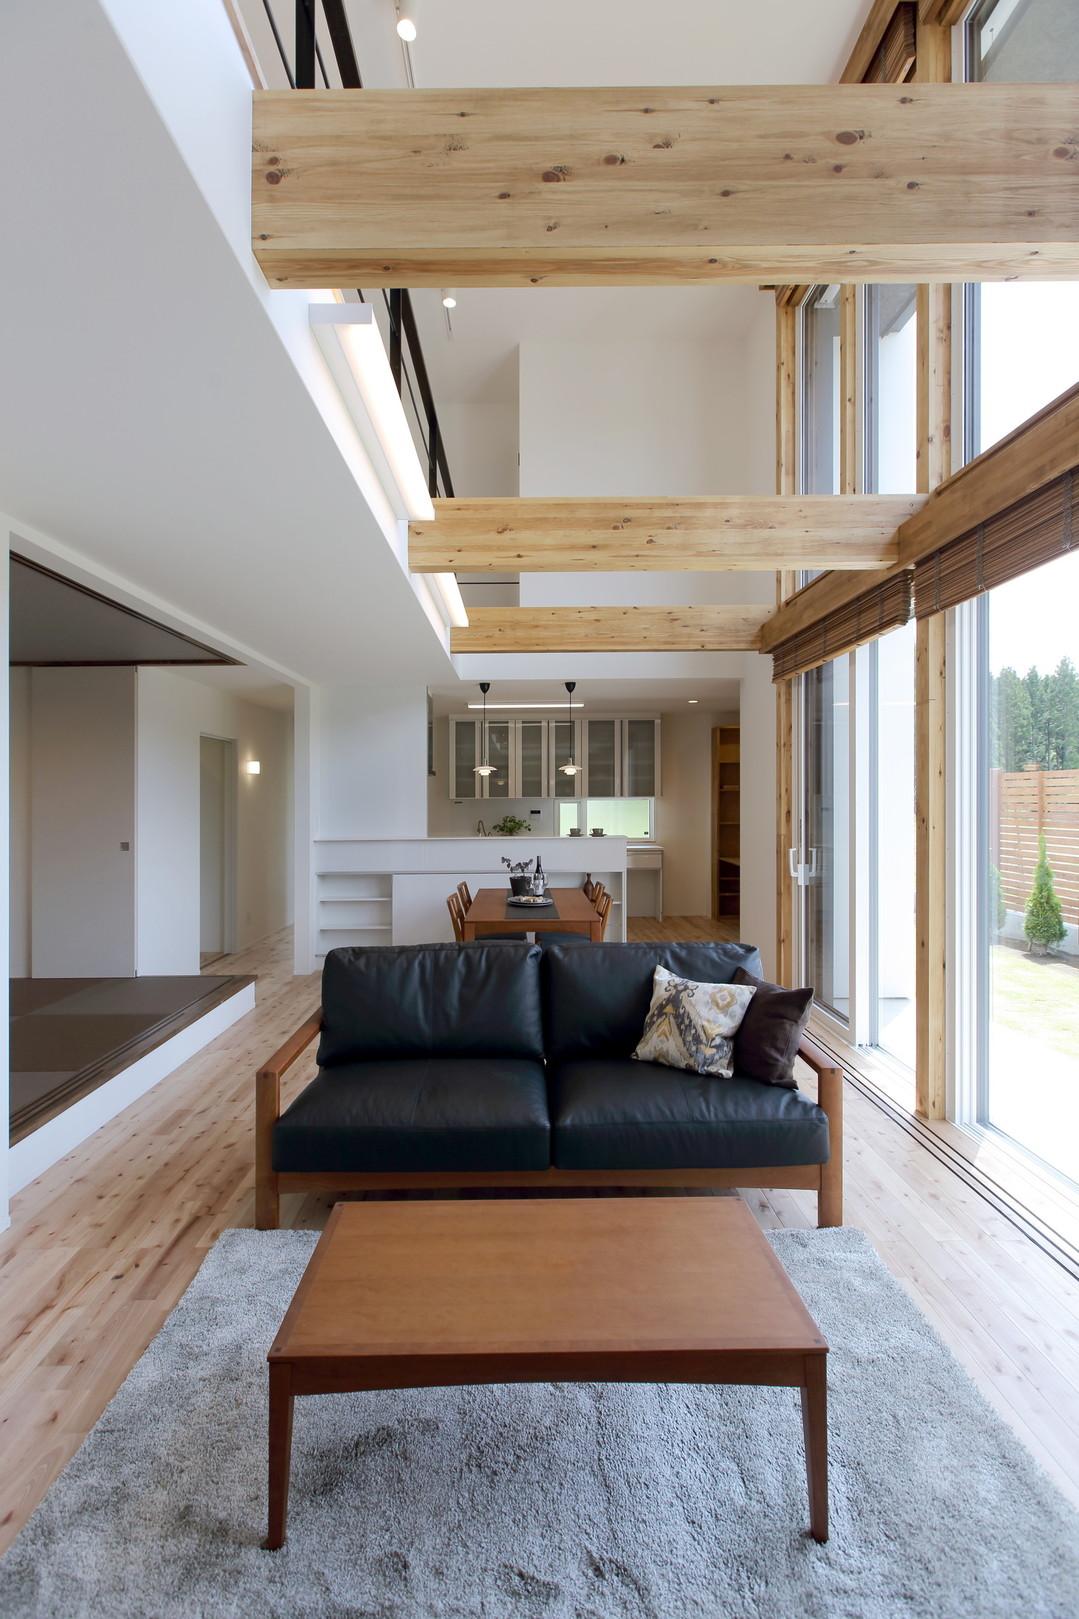 建築工房クーム有限会社 日差と空を楽しむ家 内観のサムネイル画像